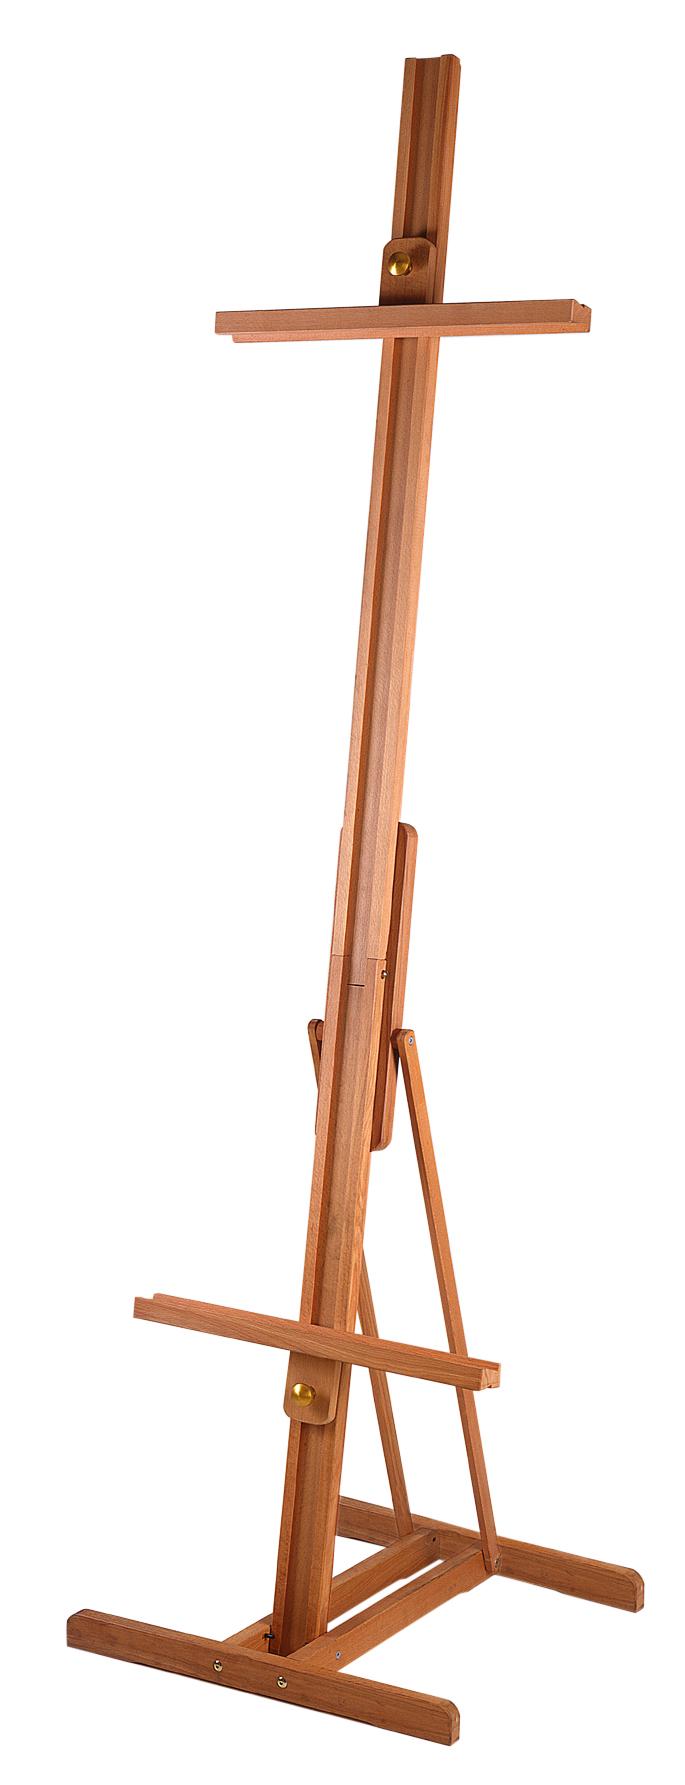 chevalet mabef m25 colorart. Black Bedroom Furniture Sets. Home Design Ideas